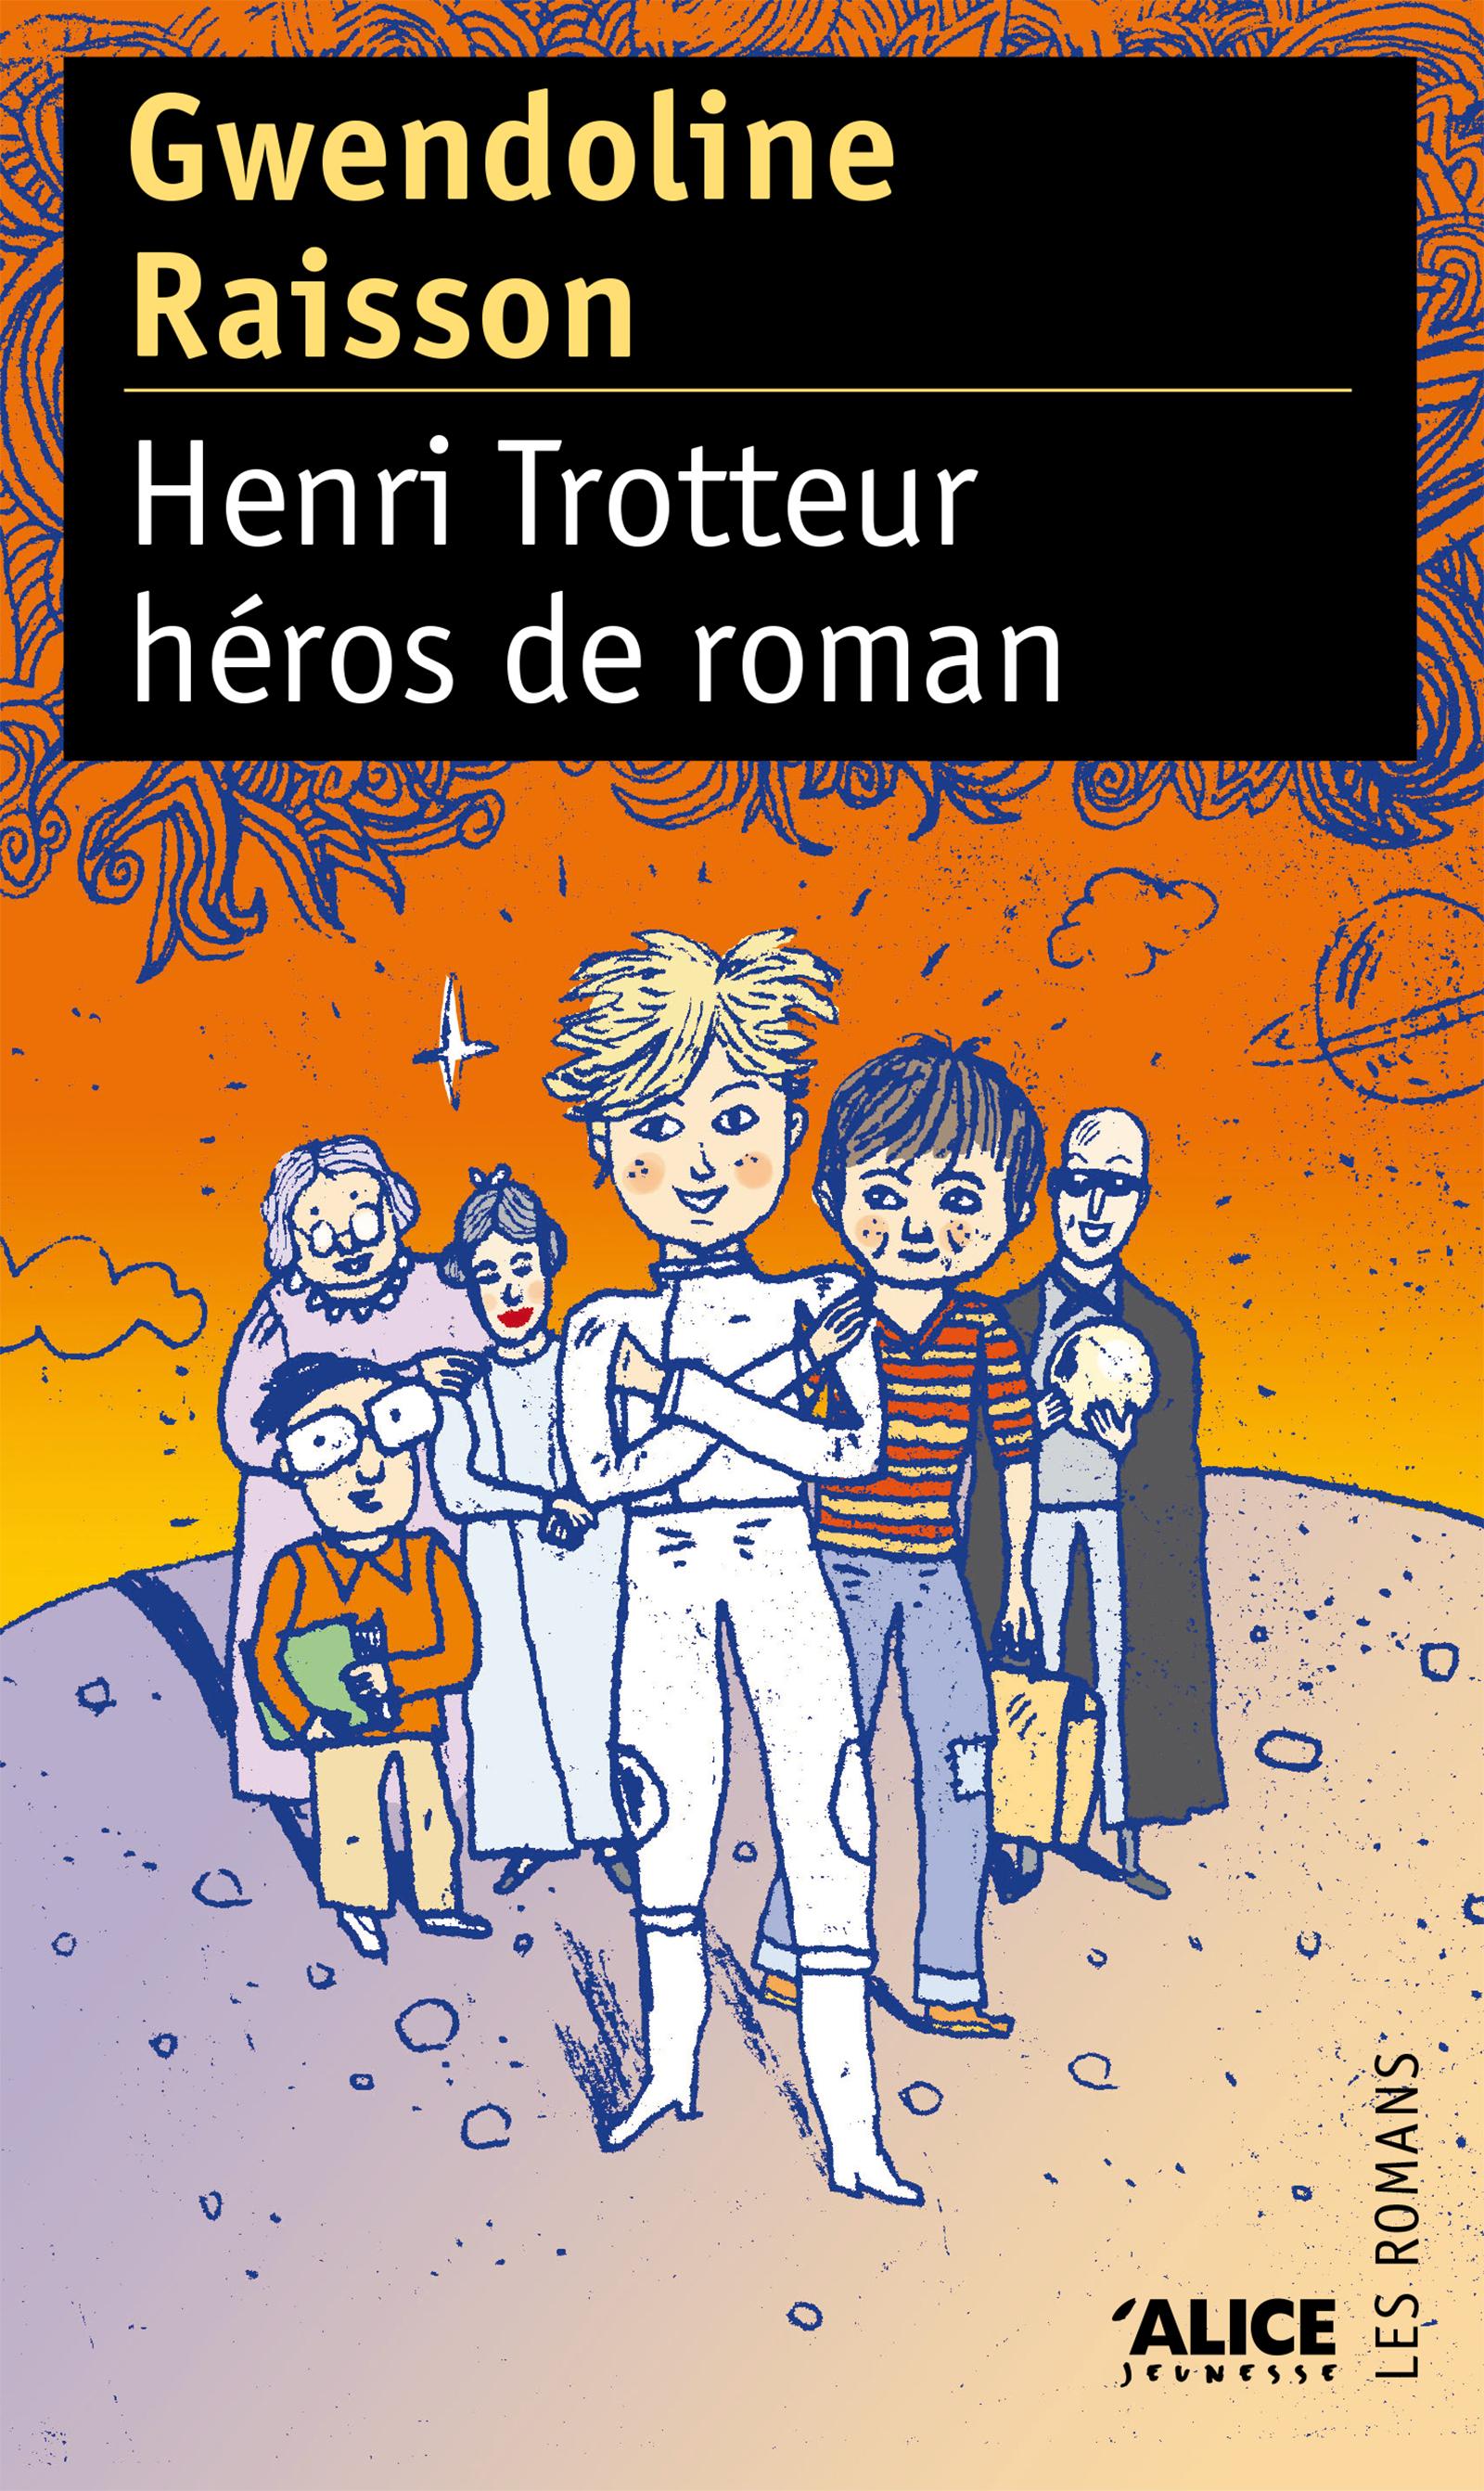 Henri Trotteur héros de roman